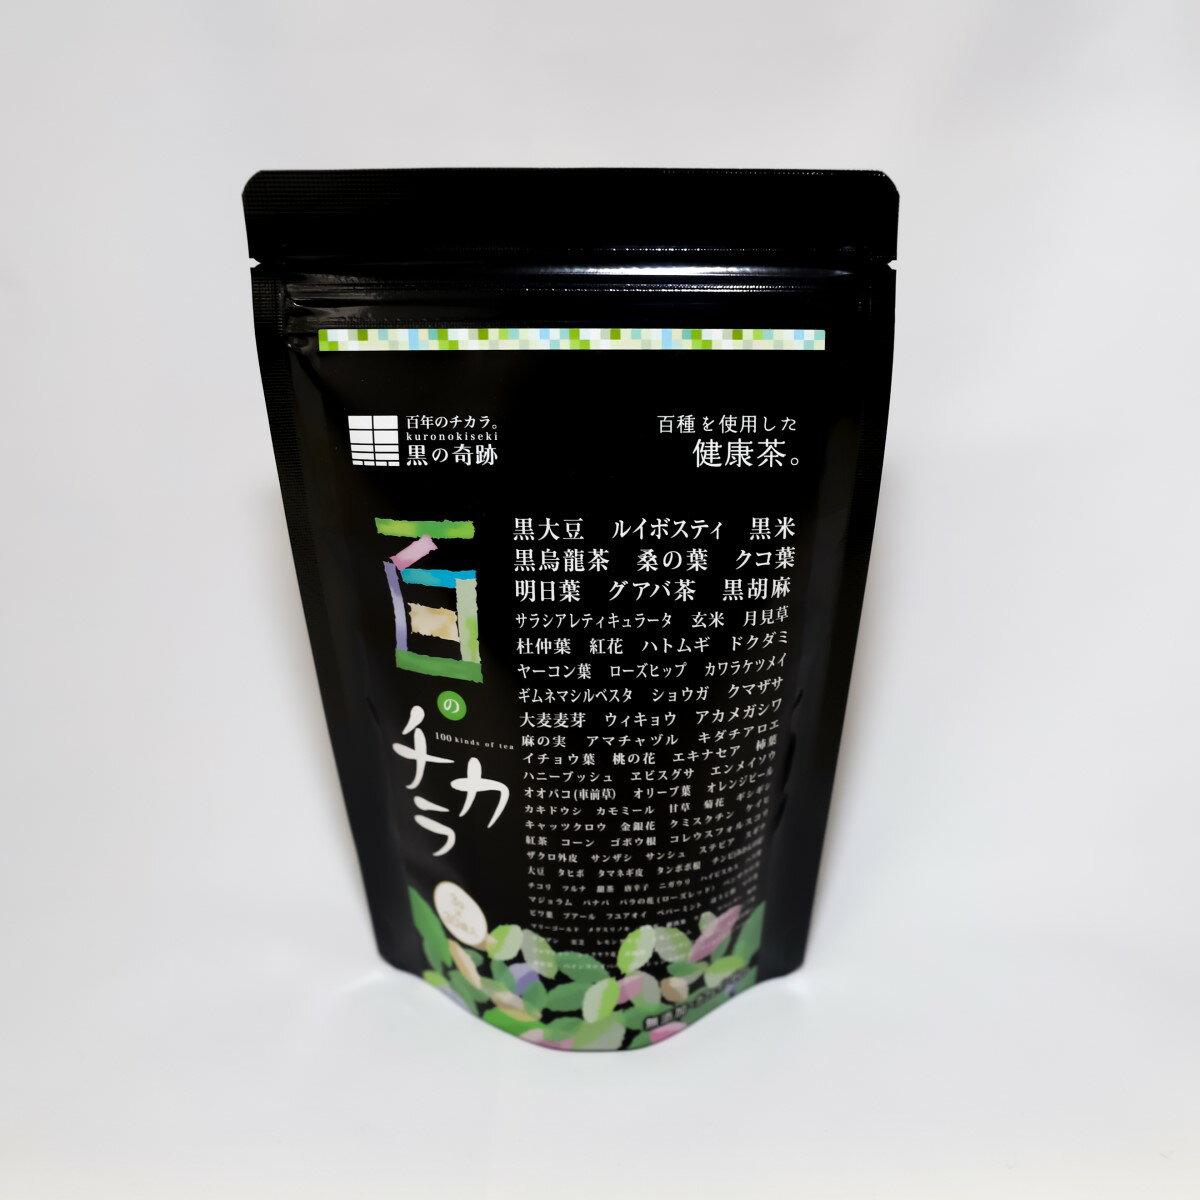 送料無料百のチカラ×1袋90g(3g×30包)全てを1杯に。百種を使用した健康茶